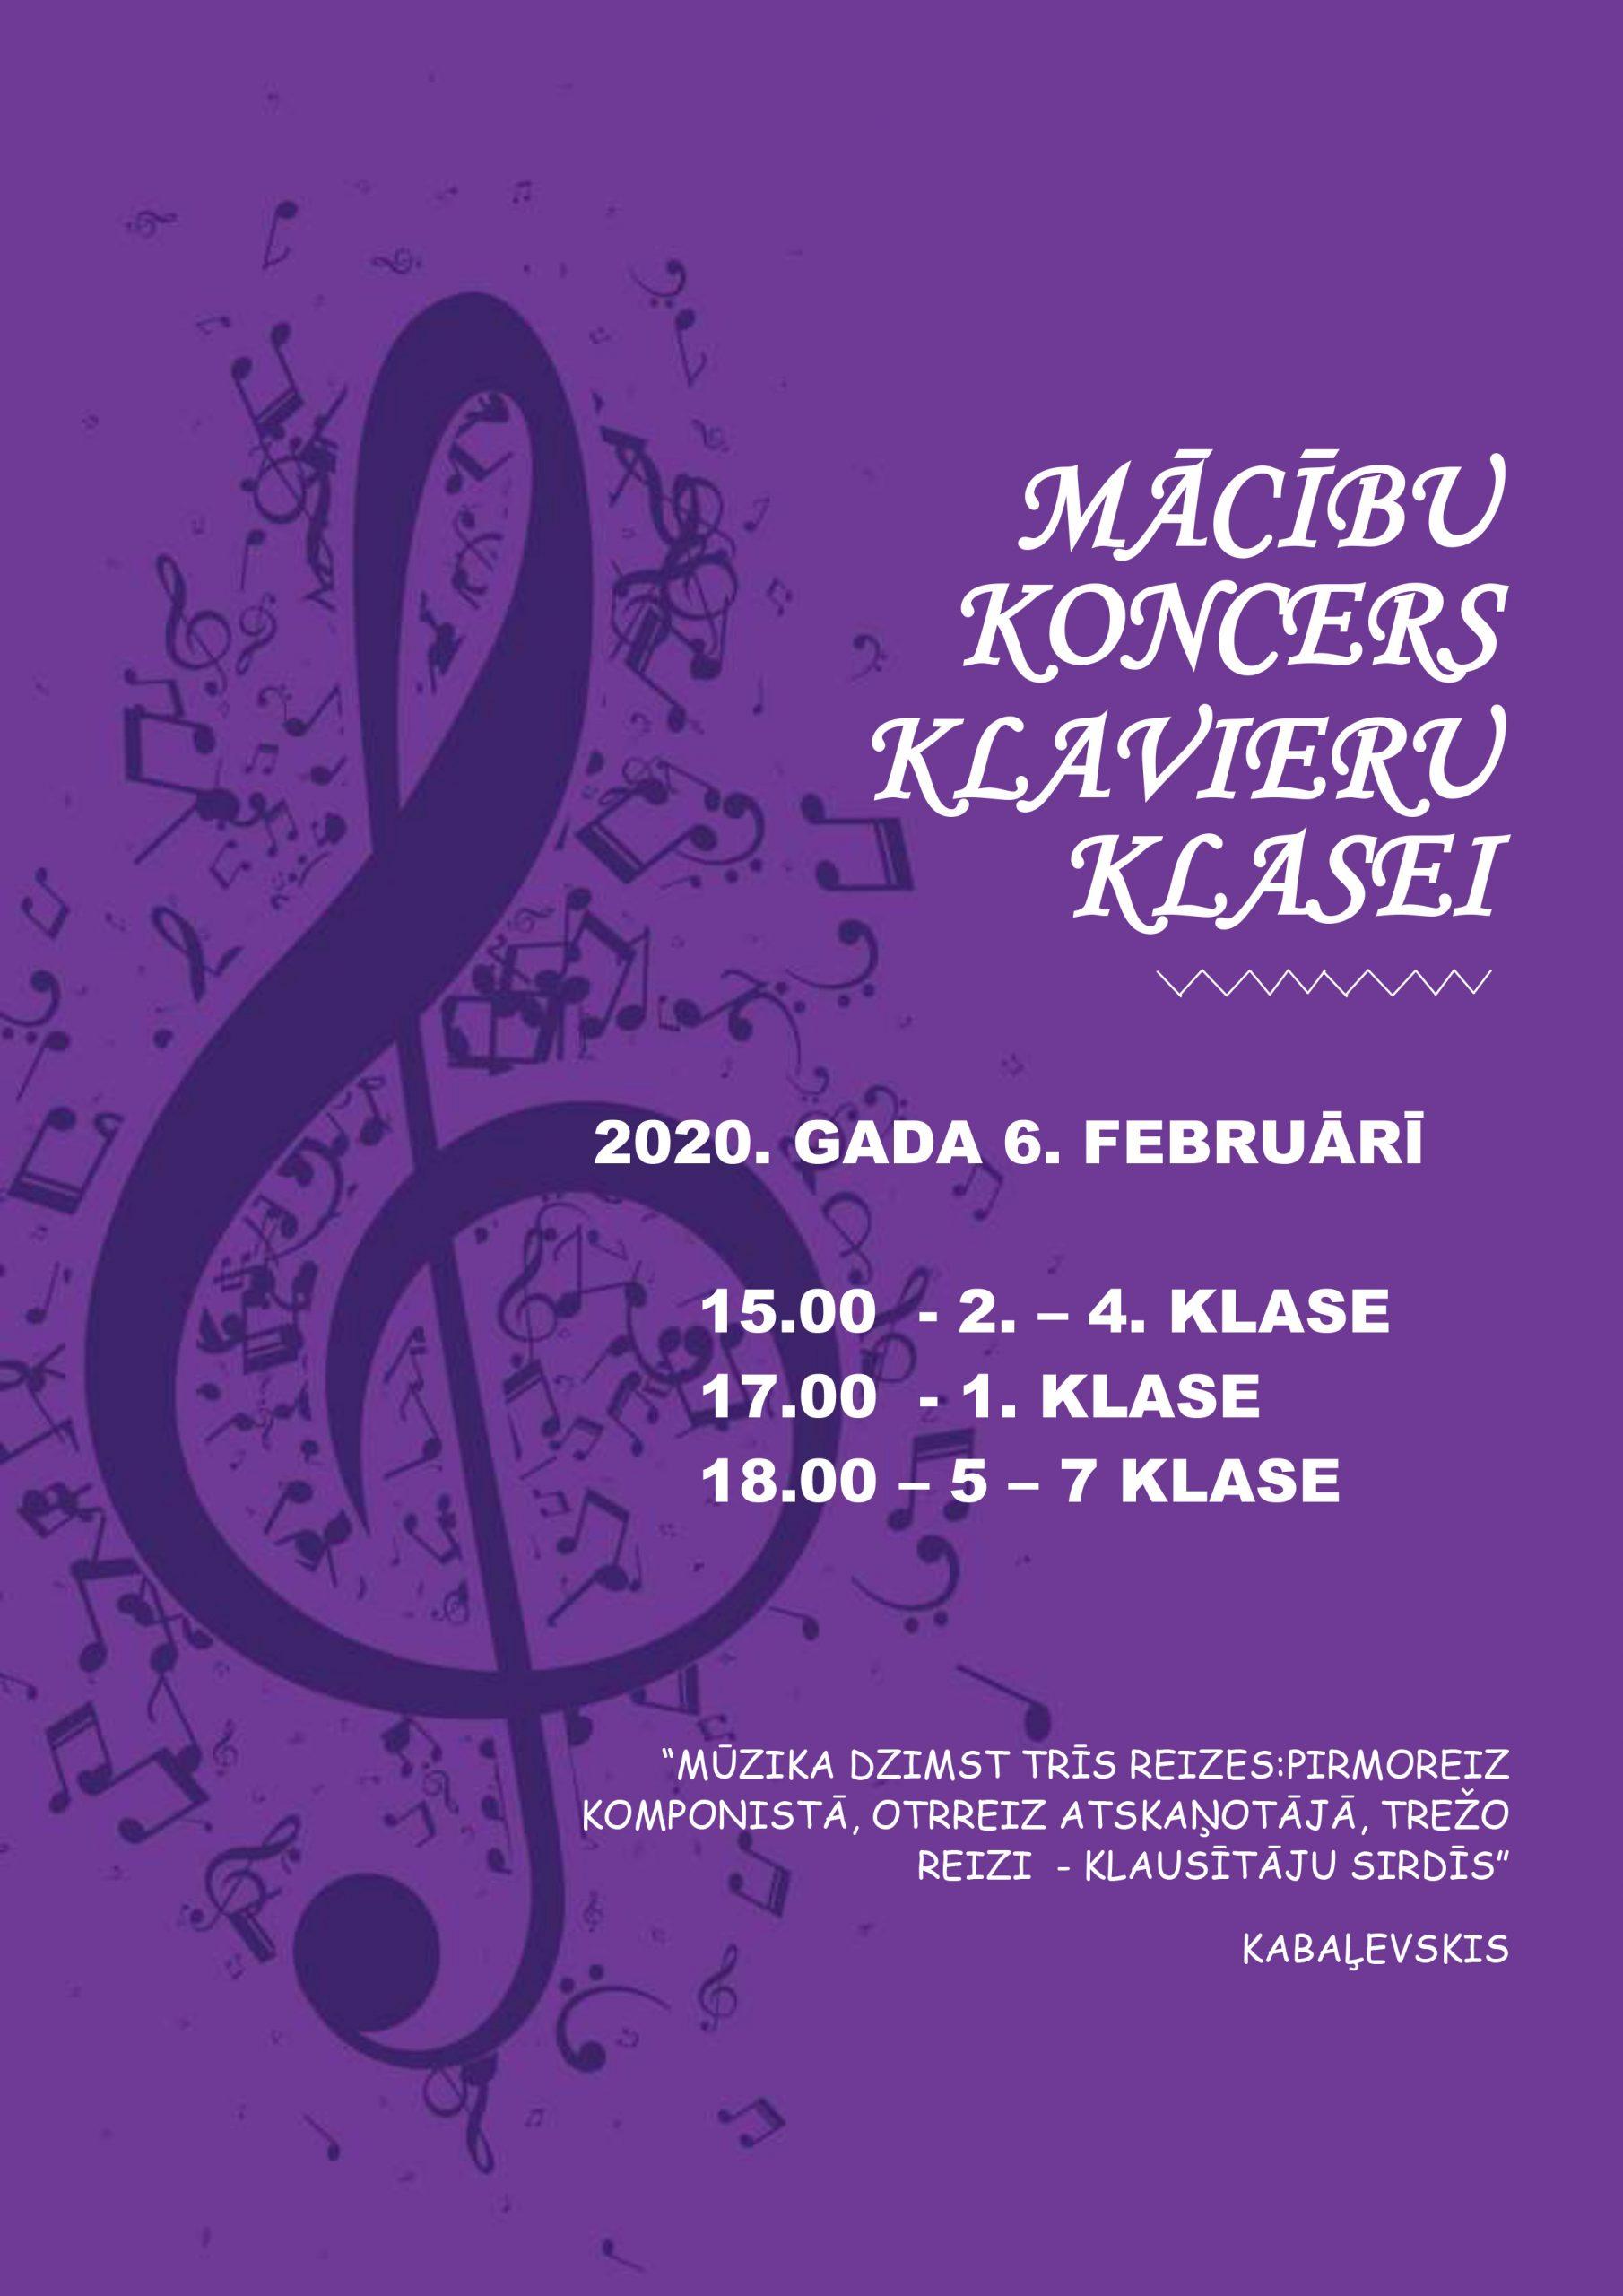 Mācību koncerts klavieru klasei 6. februārī